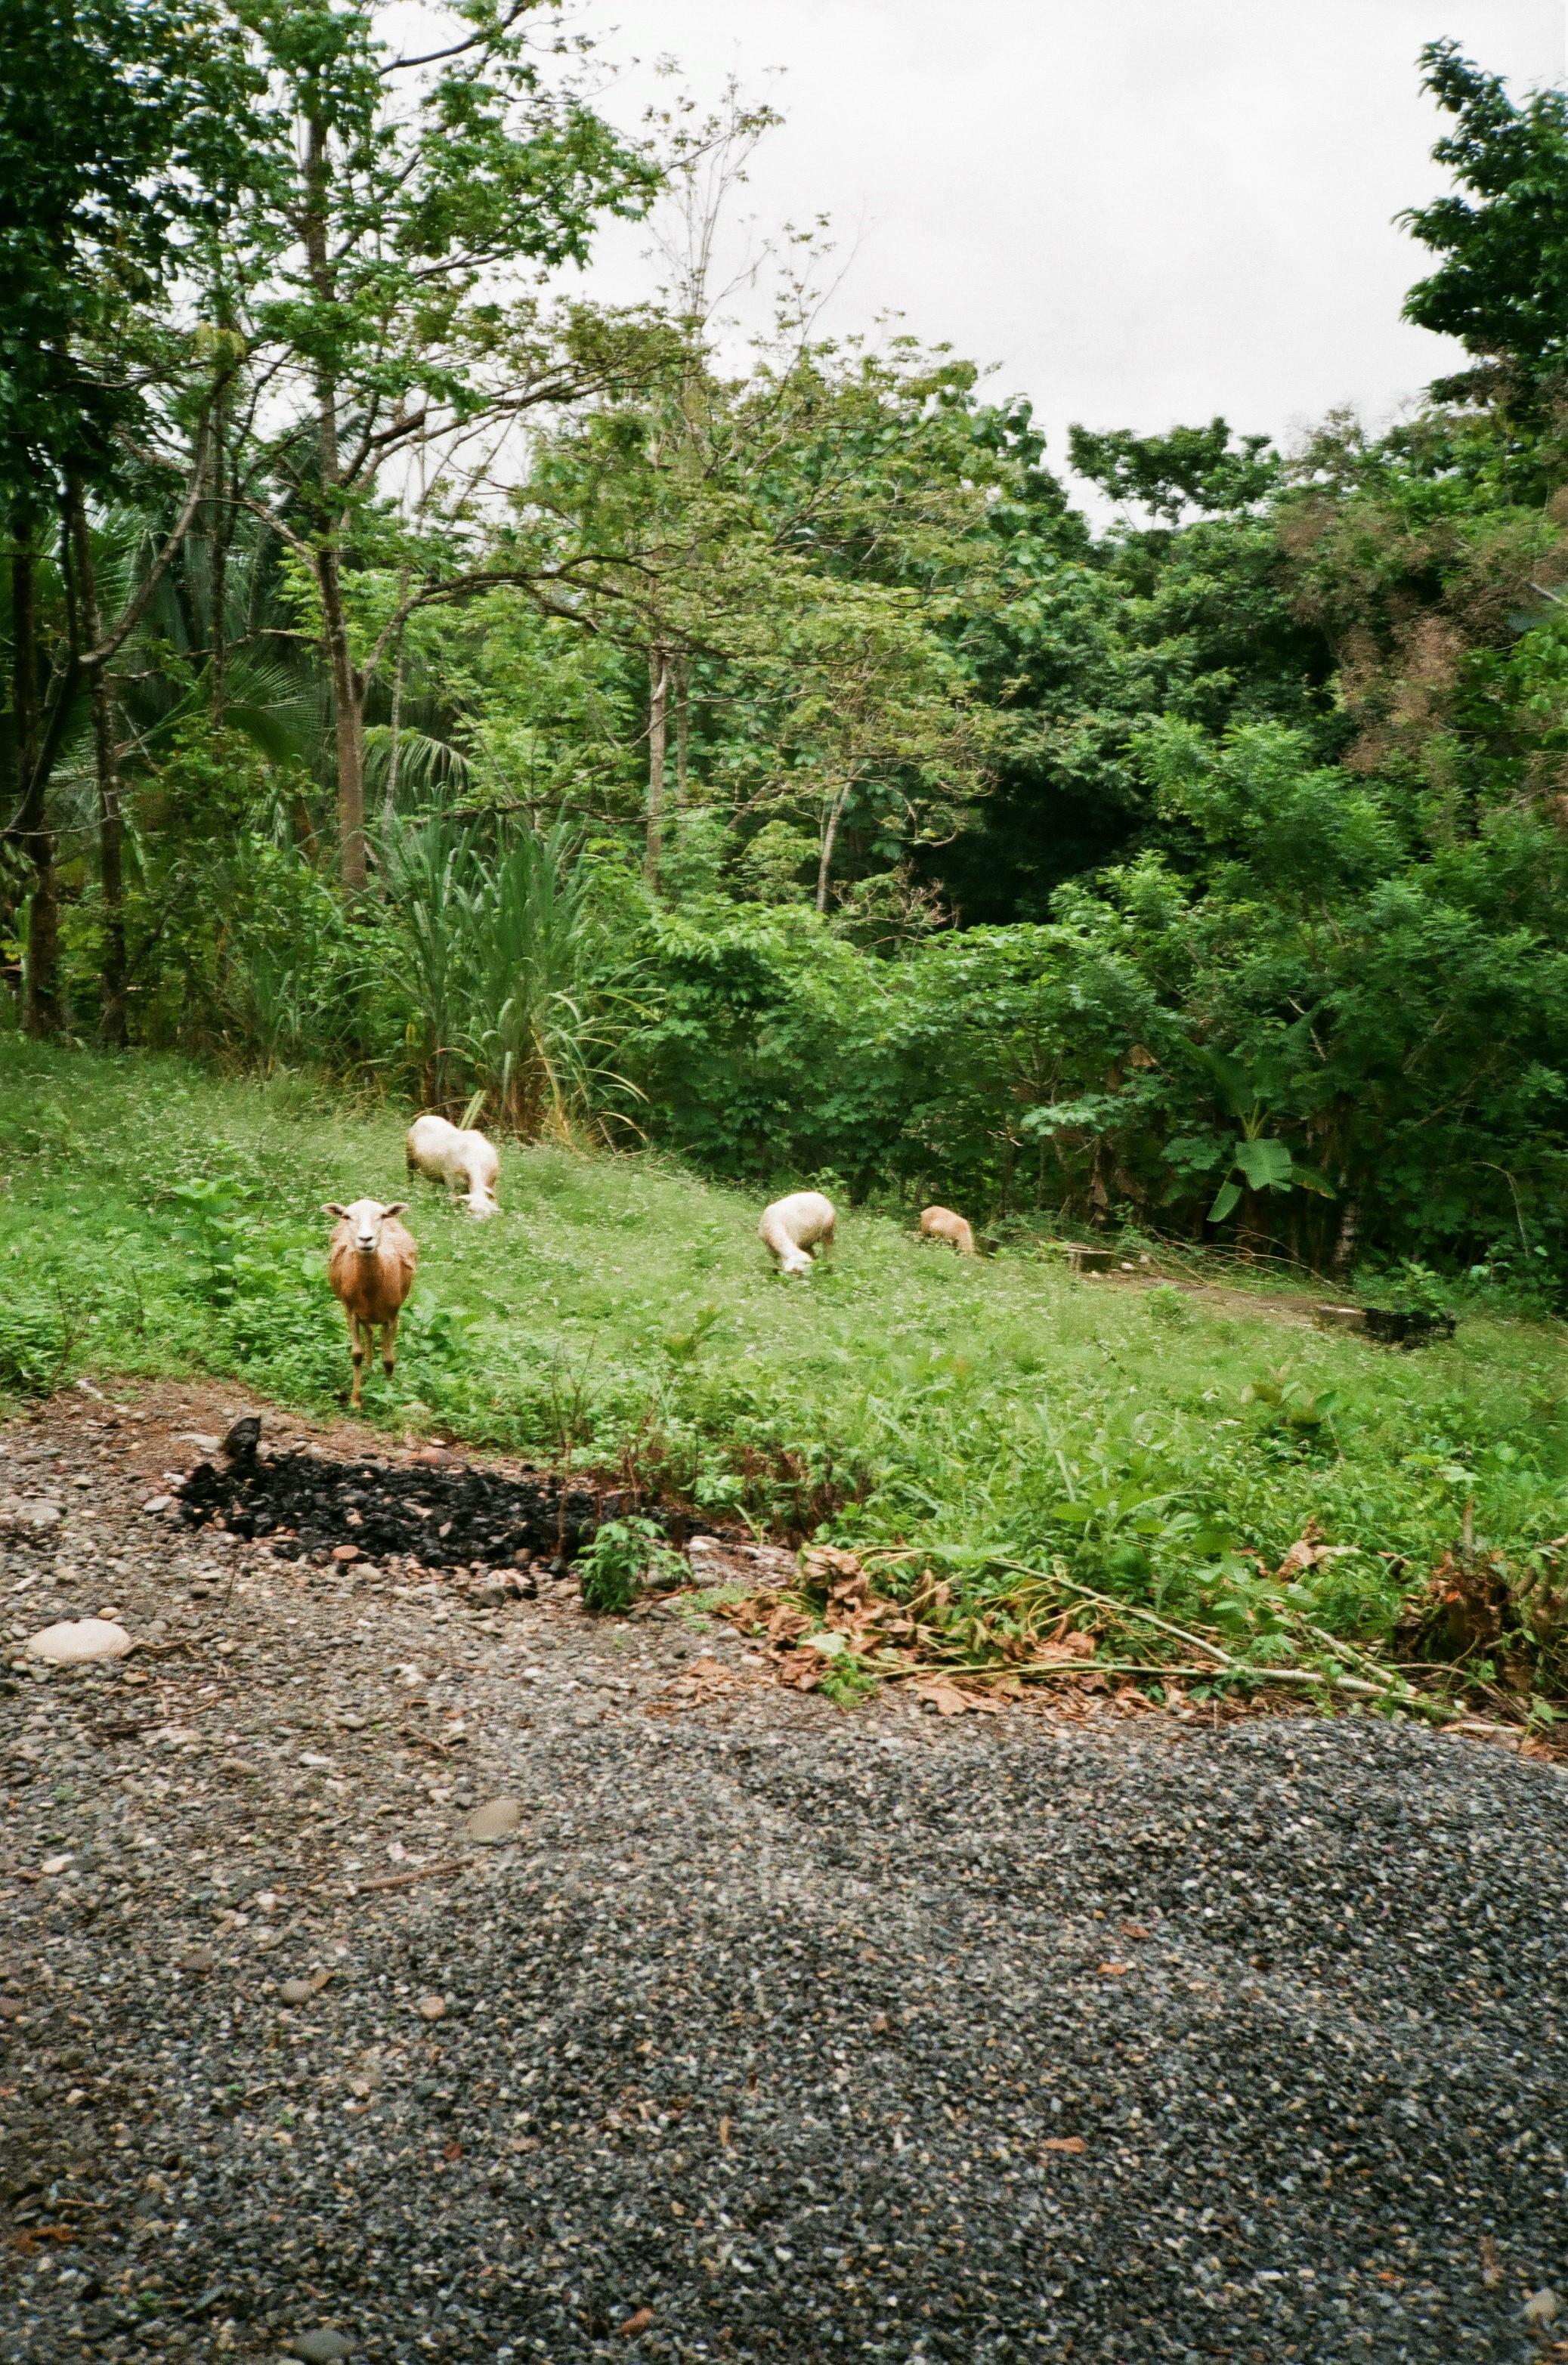 Parrita, Puntarenas Province, Costa Rica